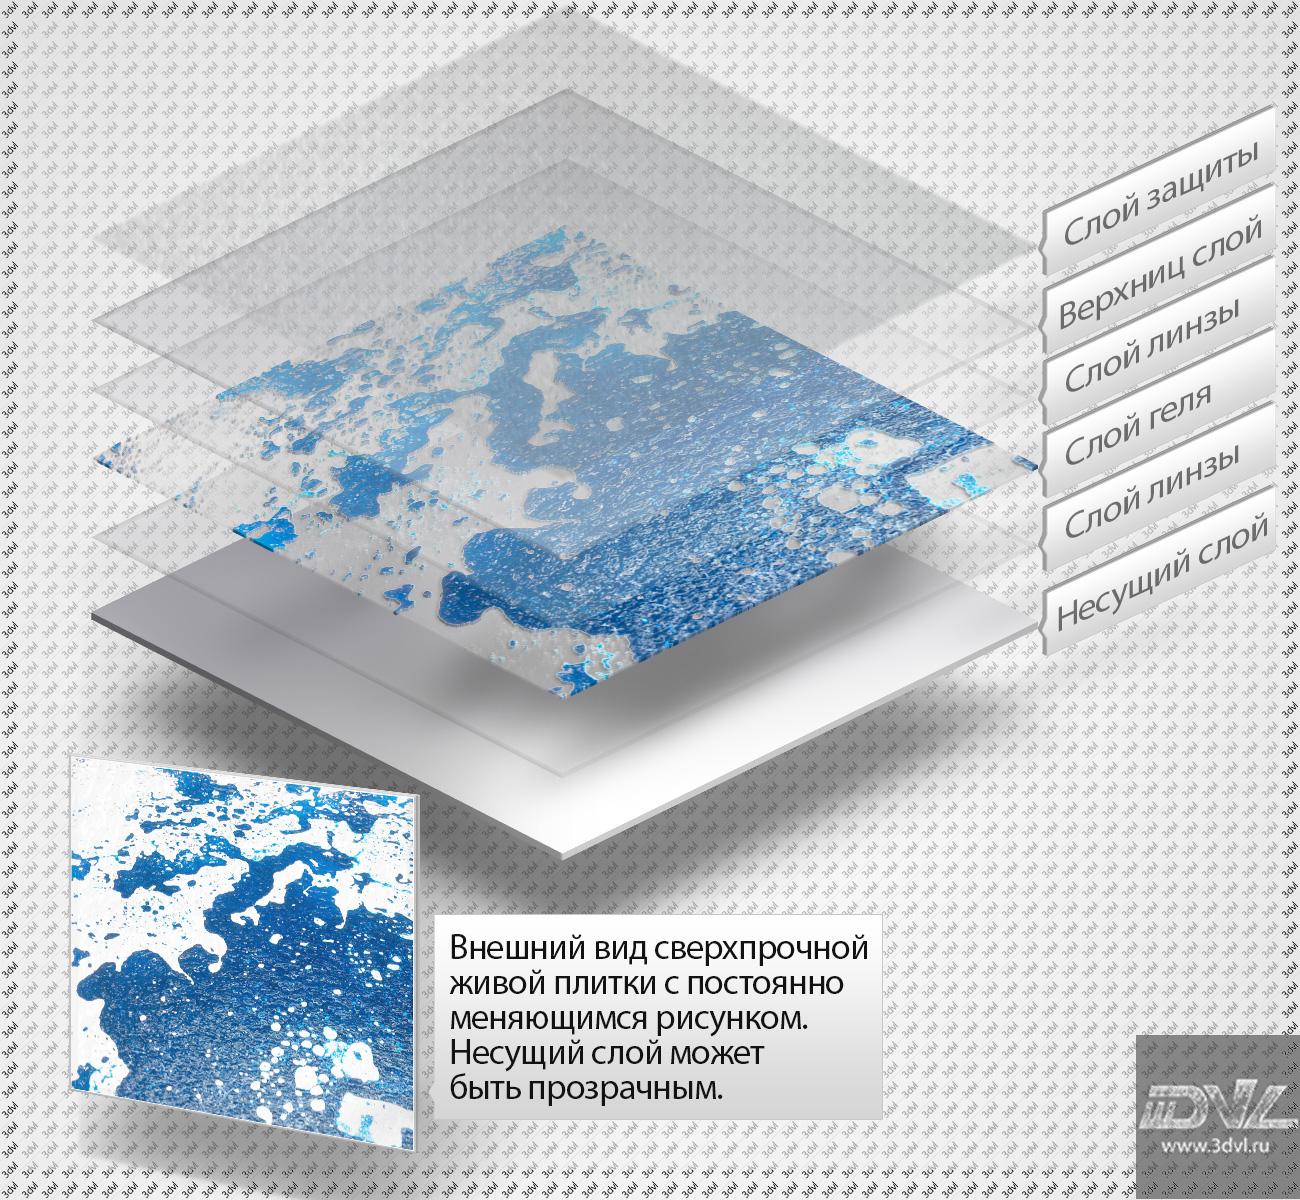 живая плитка liquid floor tile нового поколения версия 9